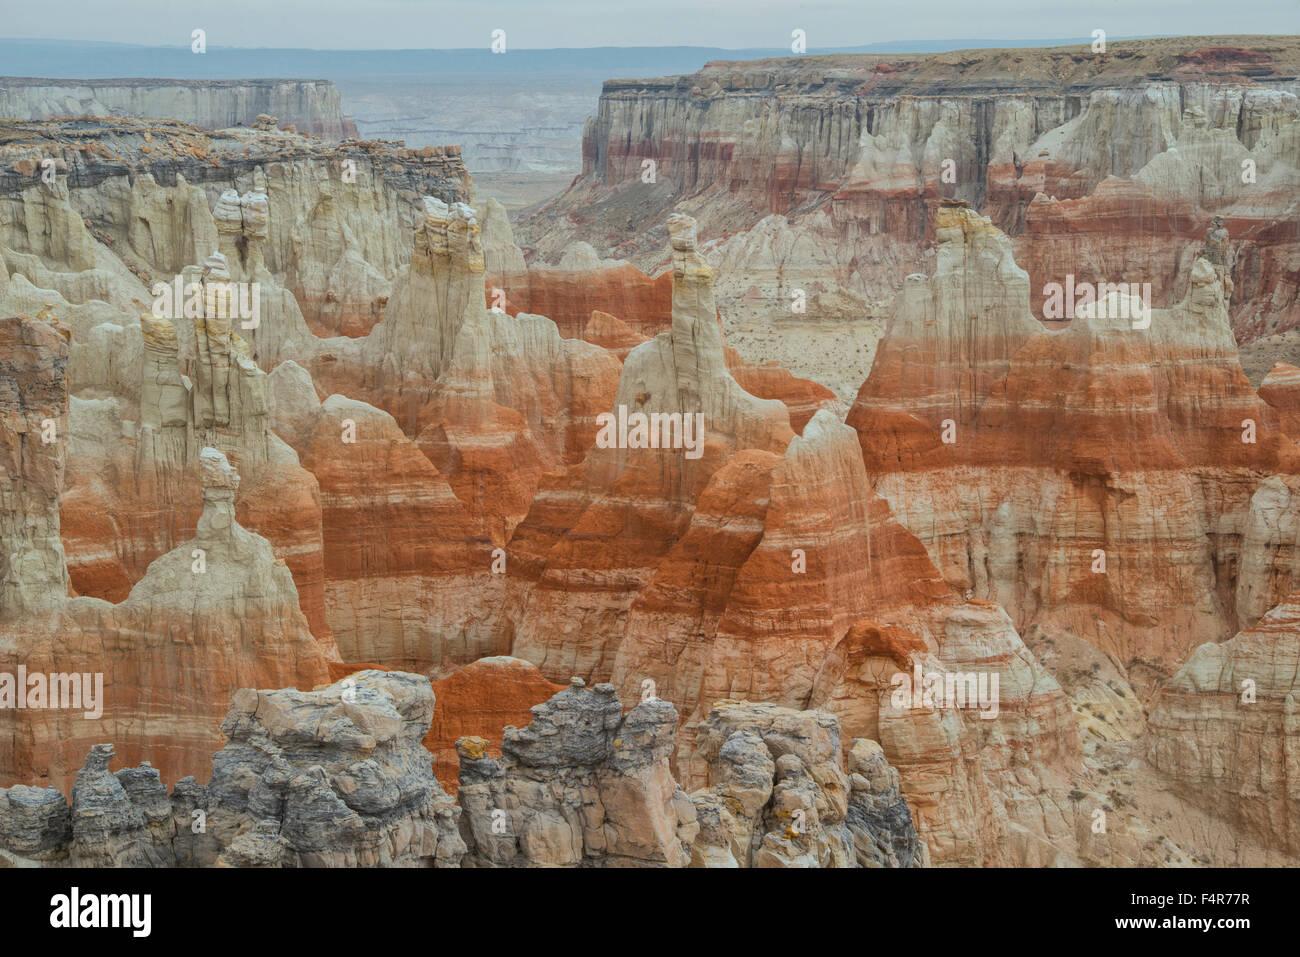 USA, United States, America, Arizona, Coal Mine Canyon, Navajo Indian Reservation, hoodoo, erosion, landscape, badlands, Stock Photo